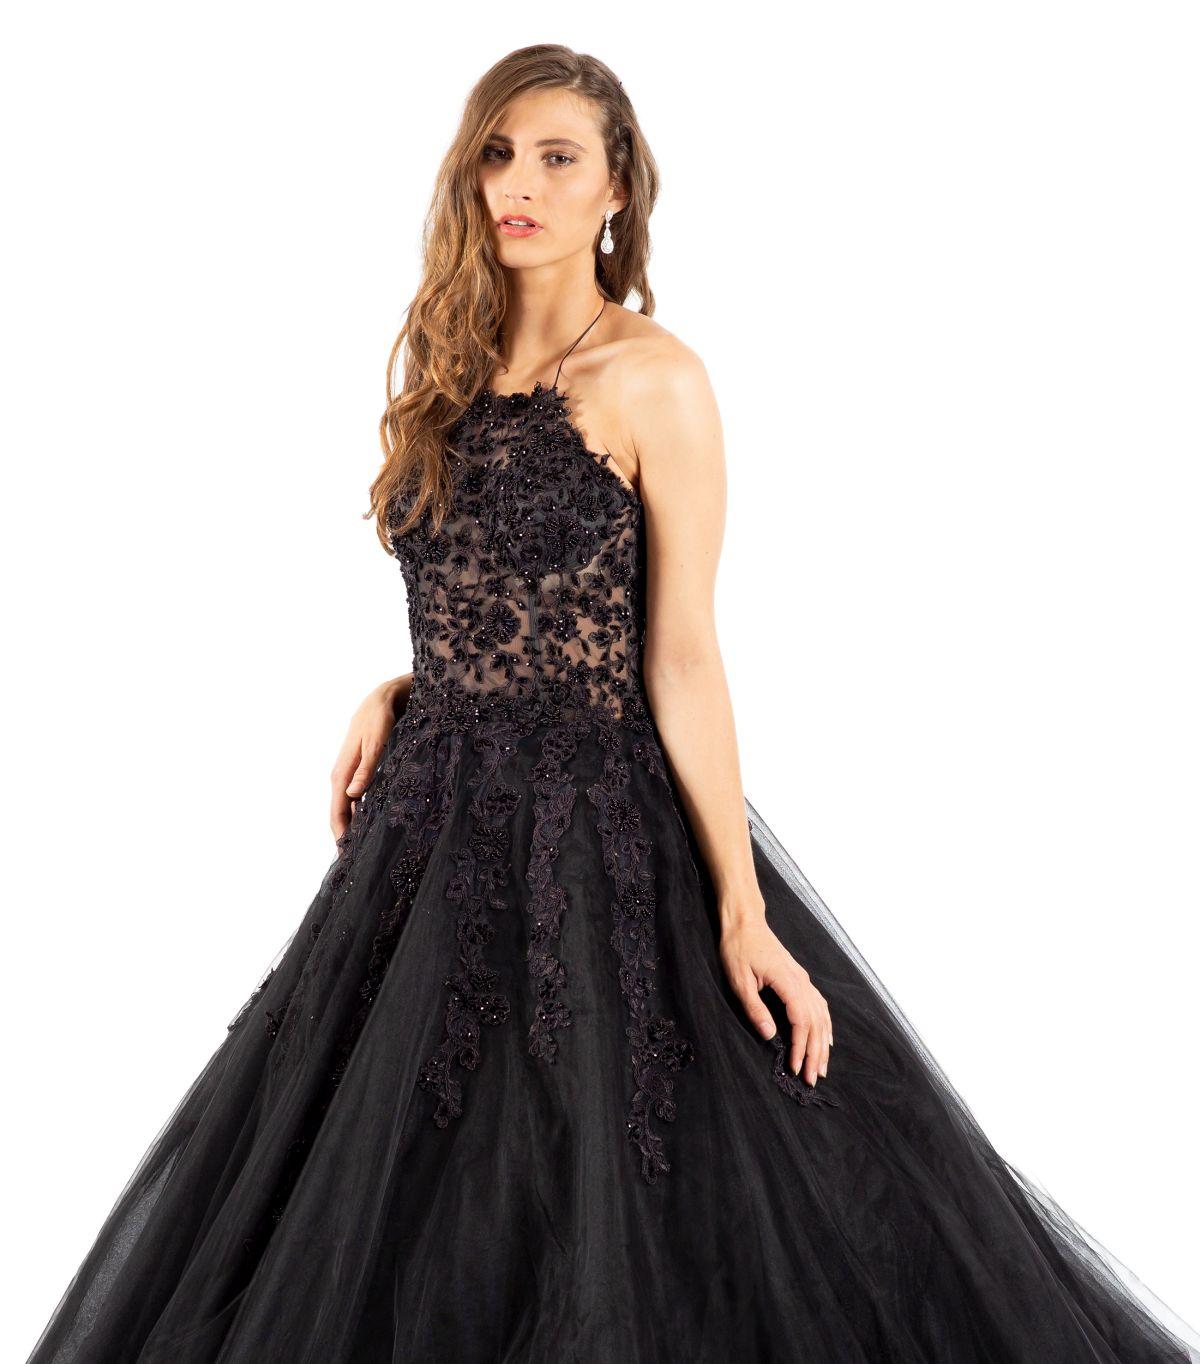 Natascha schwarzes Brautkleid detailansicht